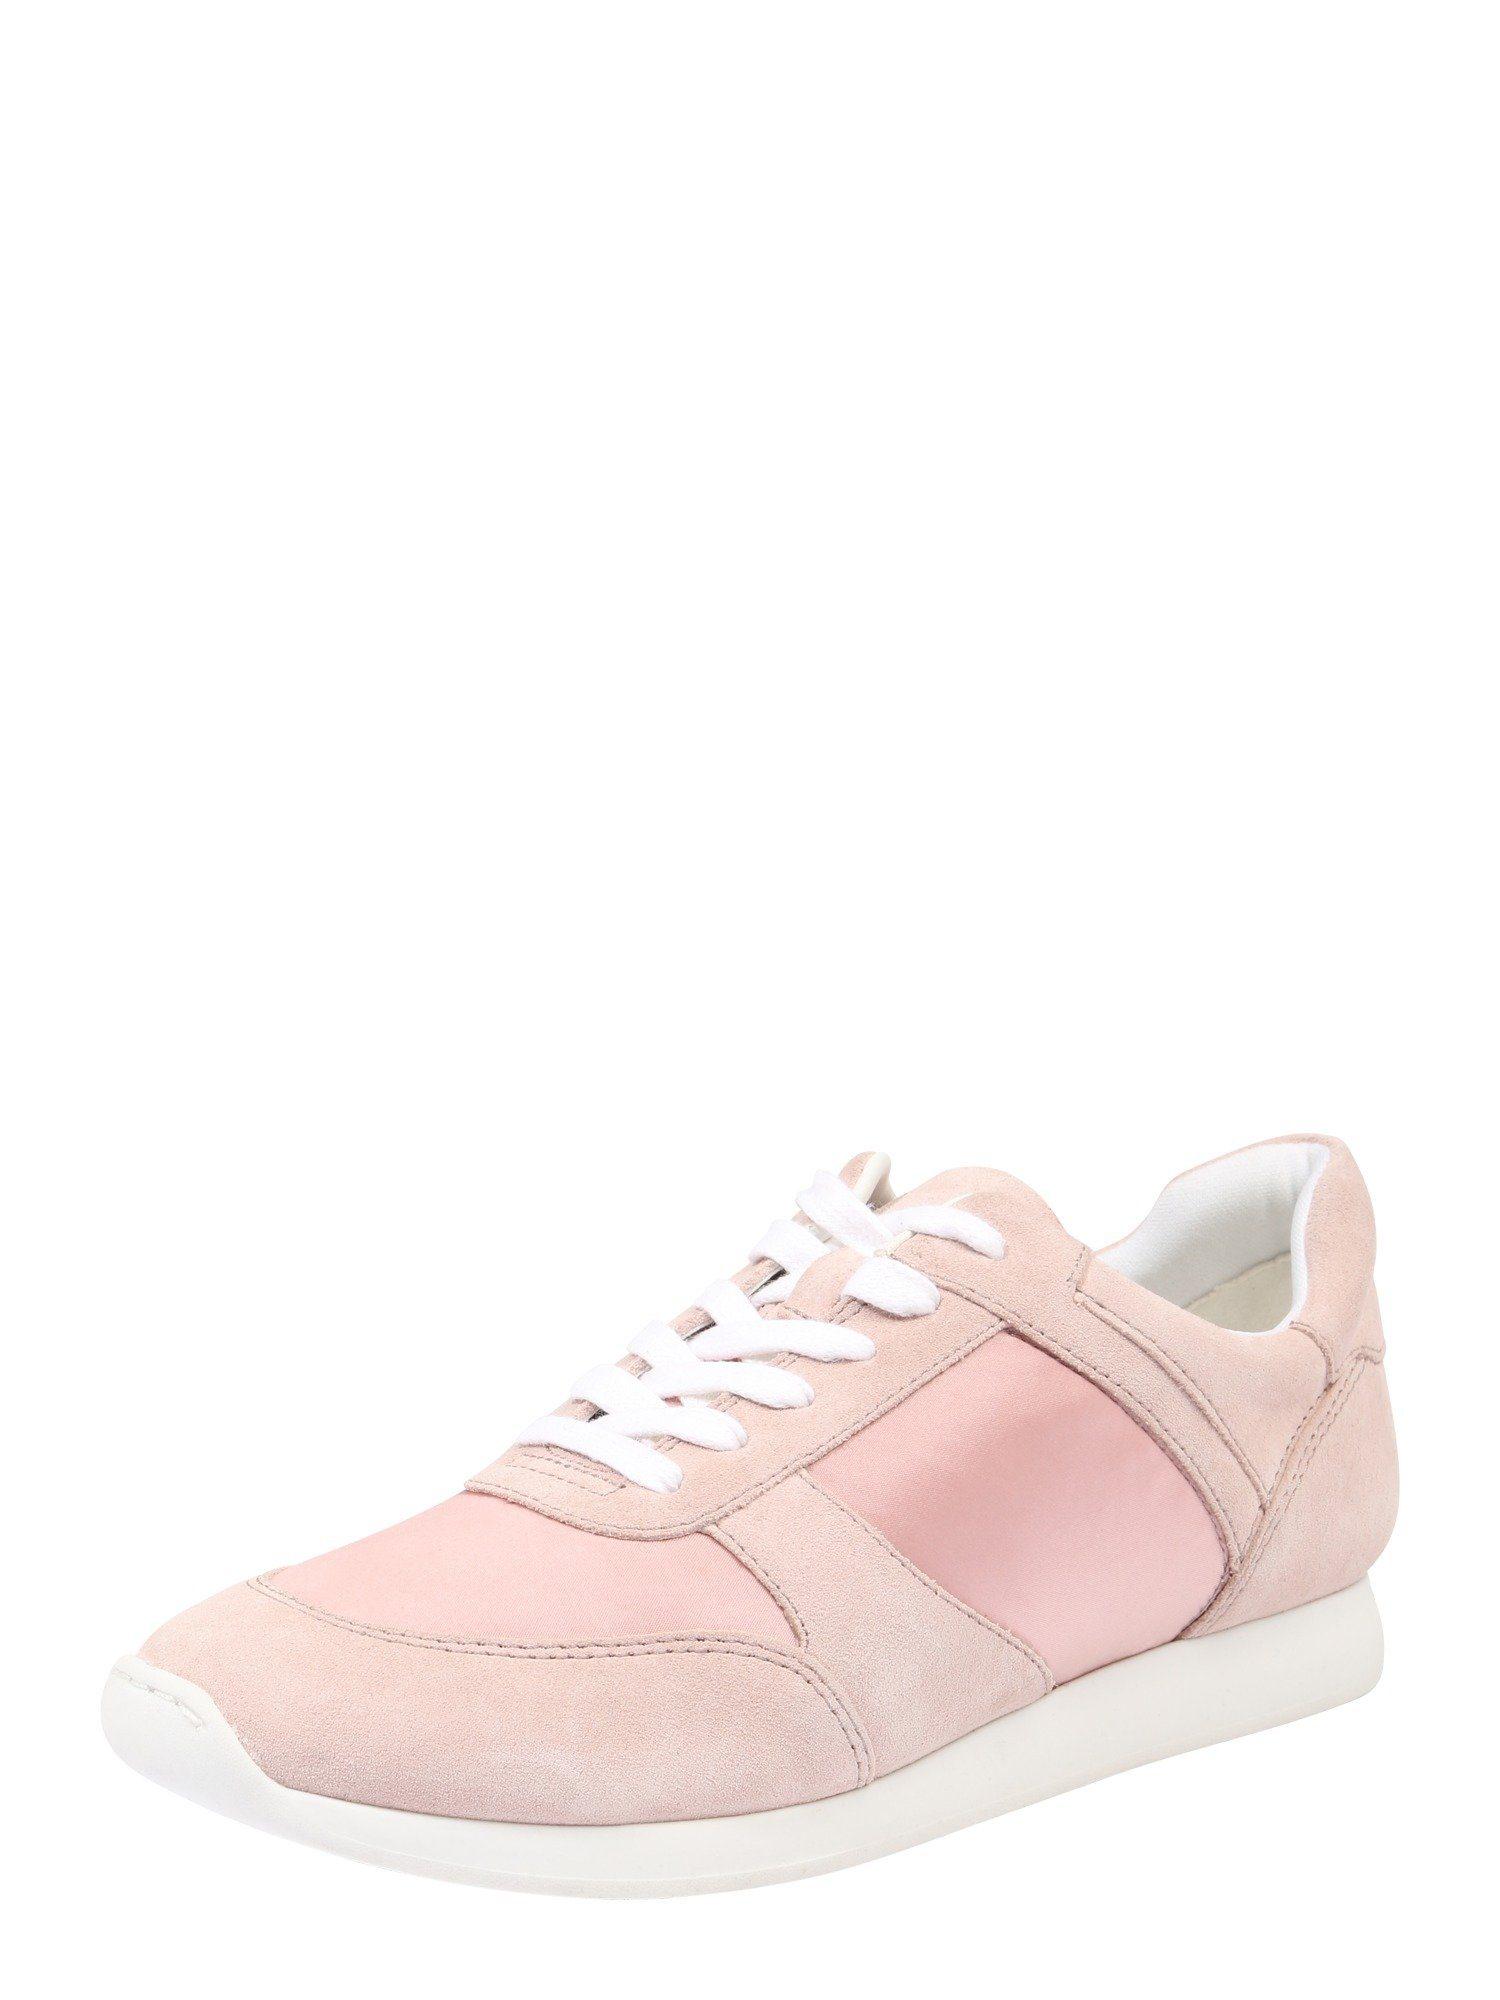 Vagabond Kasai Sneaker, Ziernaht online kaufen  beige